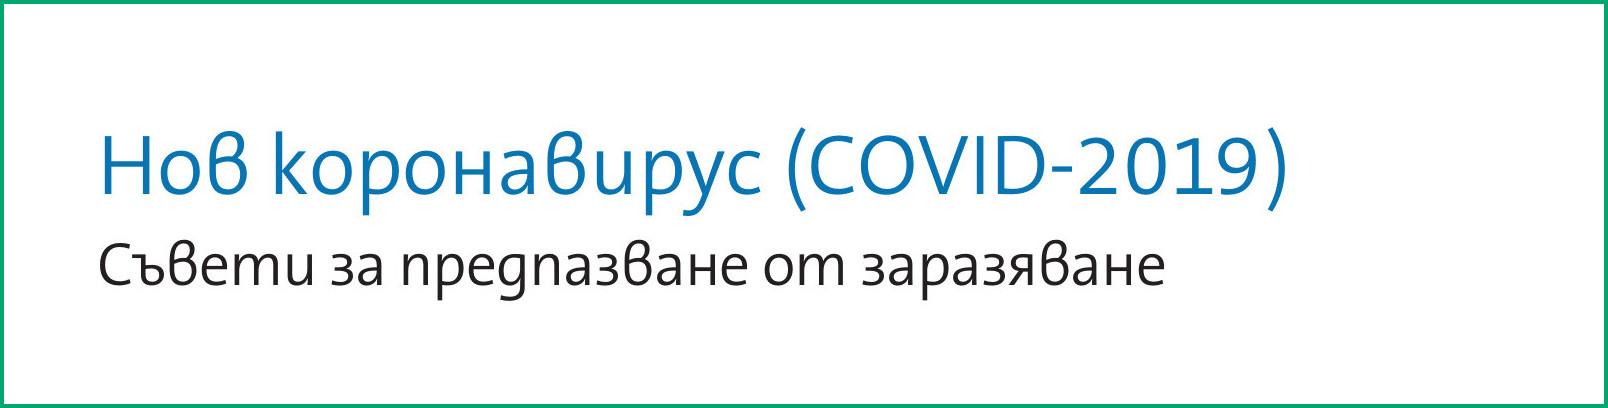 Коронавирус - съвети за предпазване от заразяване